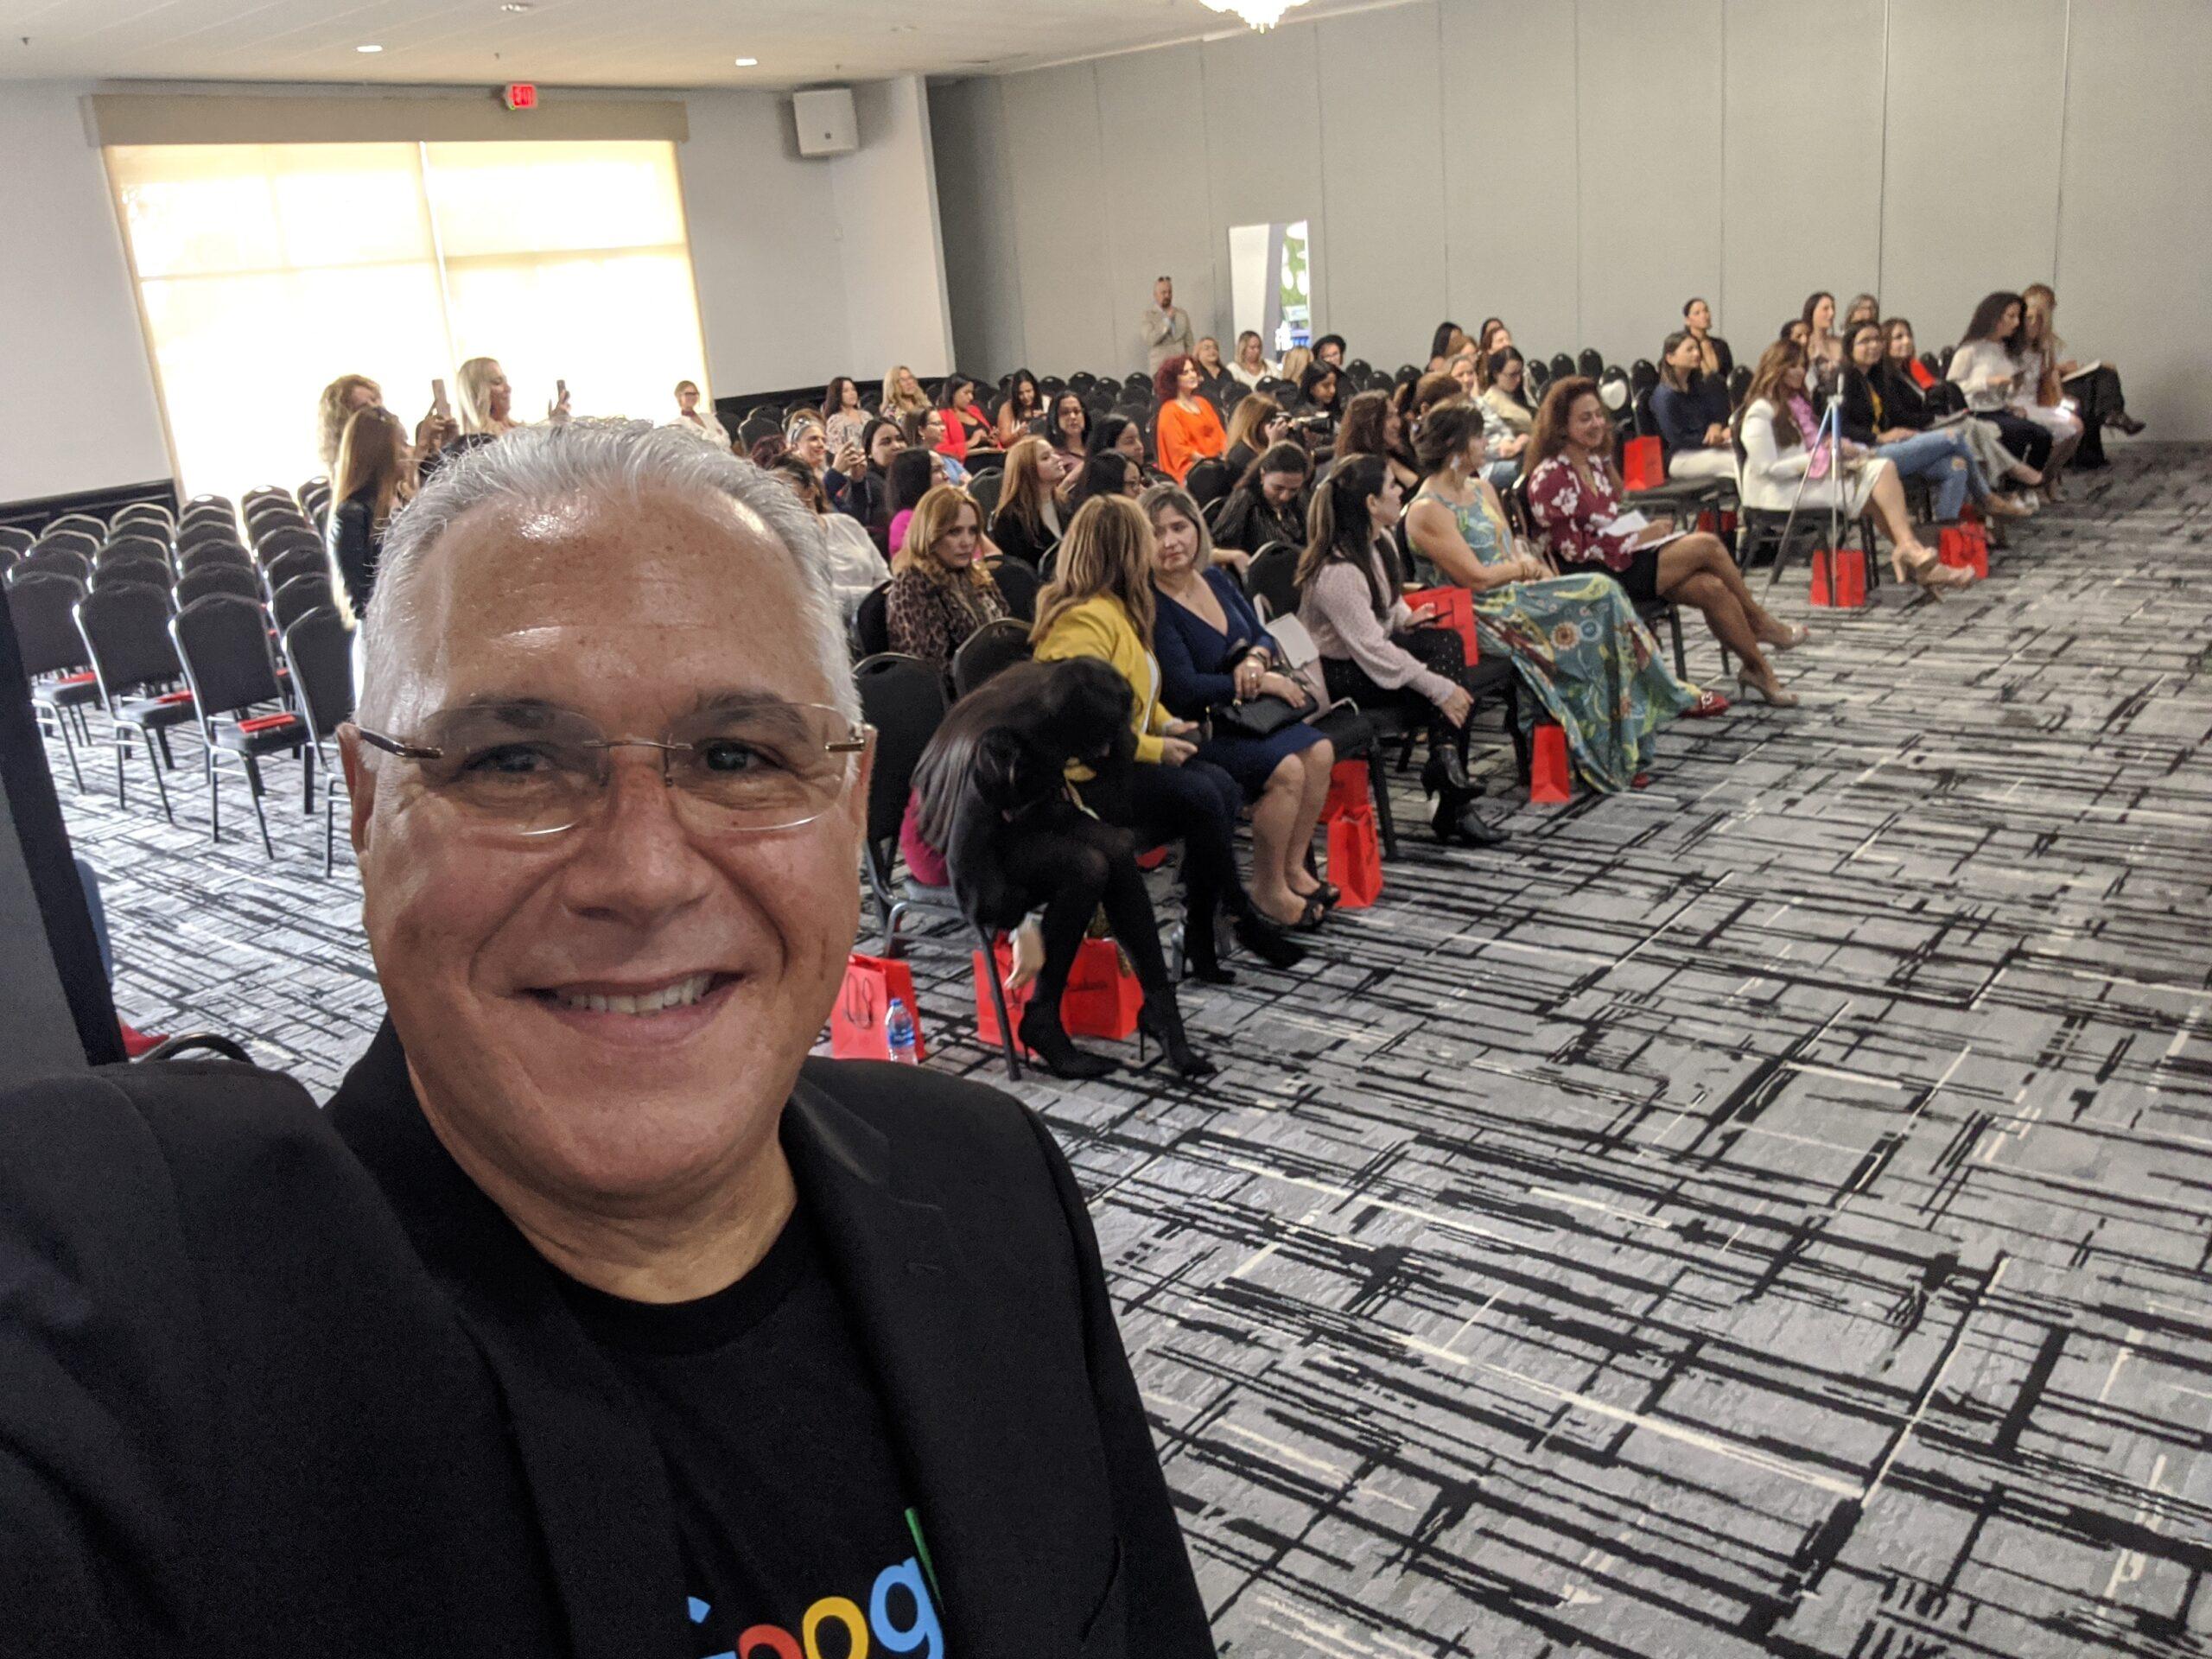 El Poder De Las Mujeres En Mujer La Conferencia En Miami